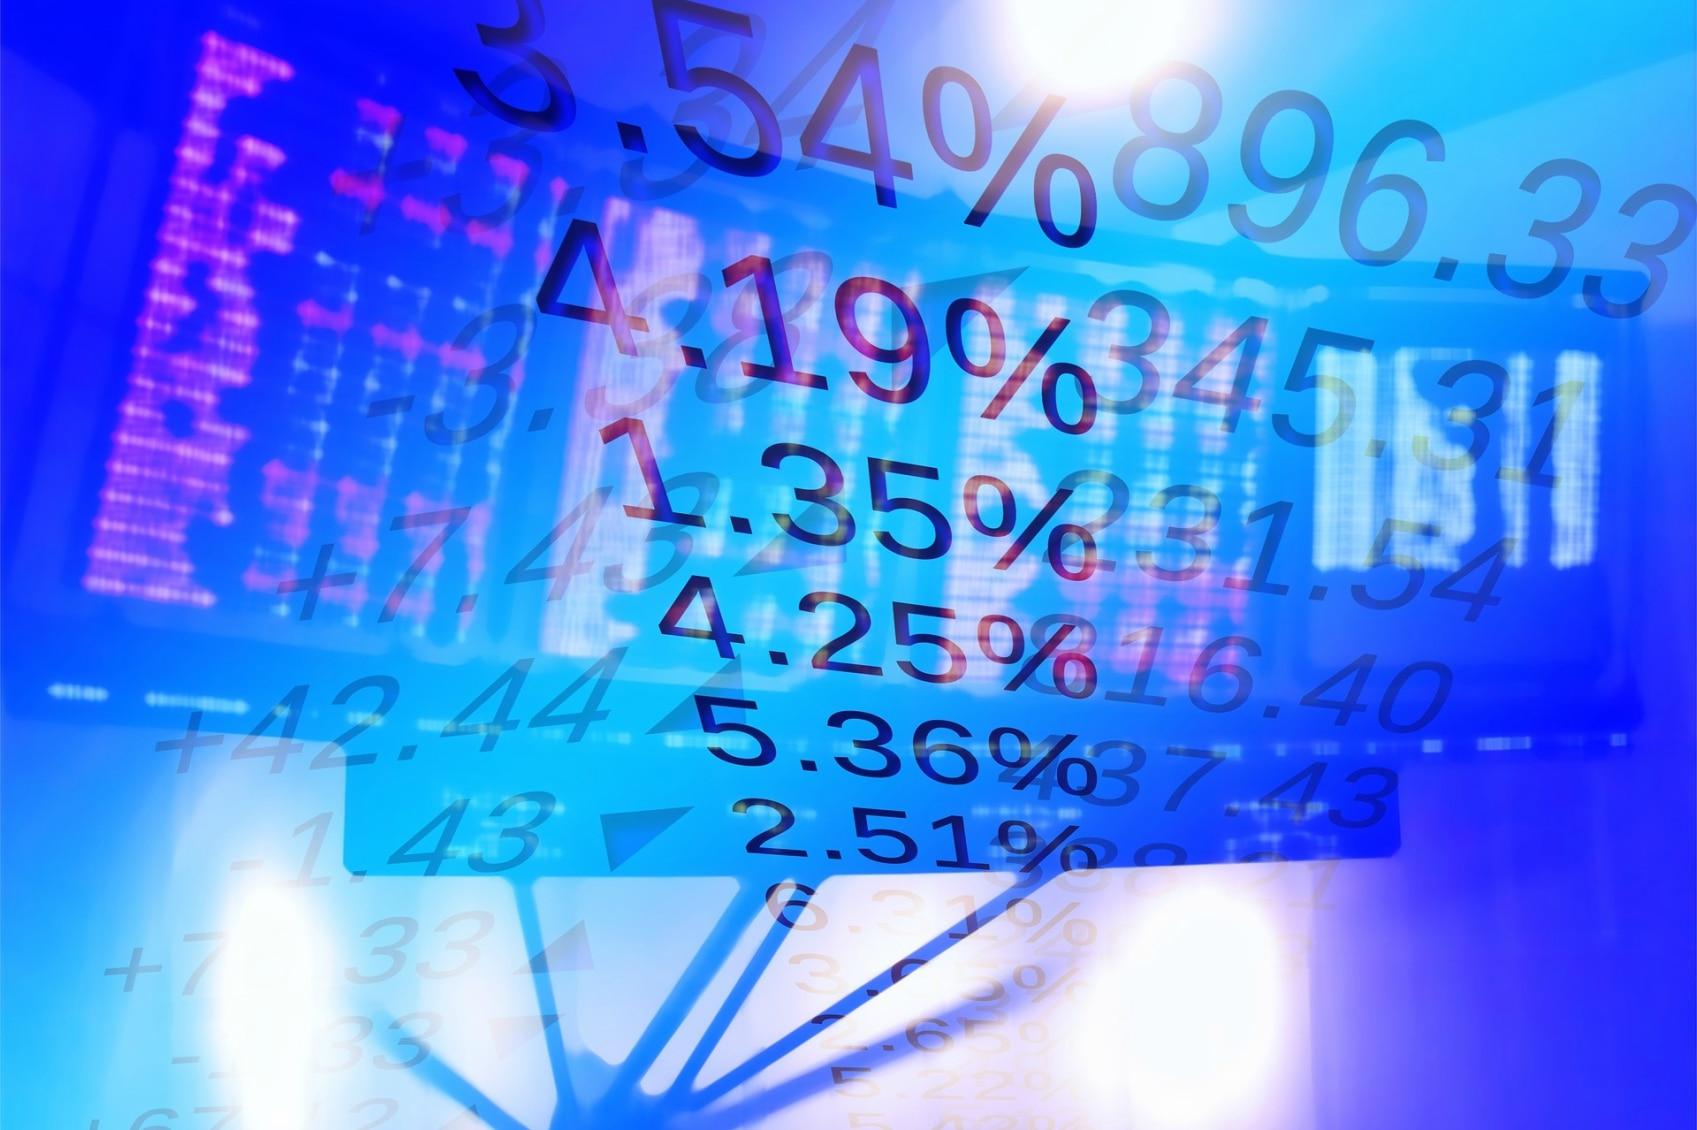 Recurso, economía, datos, números, cálculos, macroeconomía, porcentajes